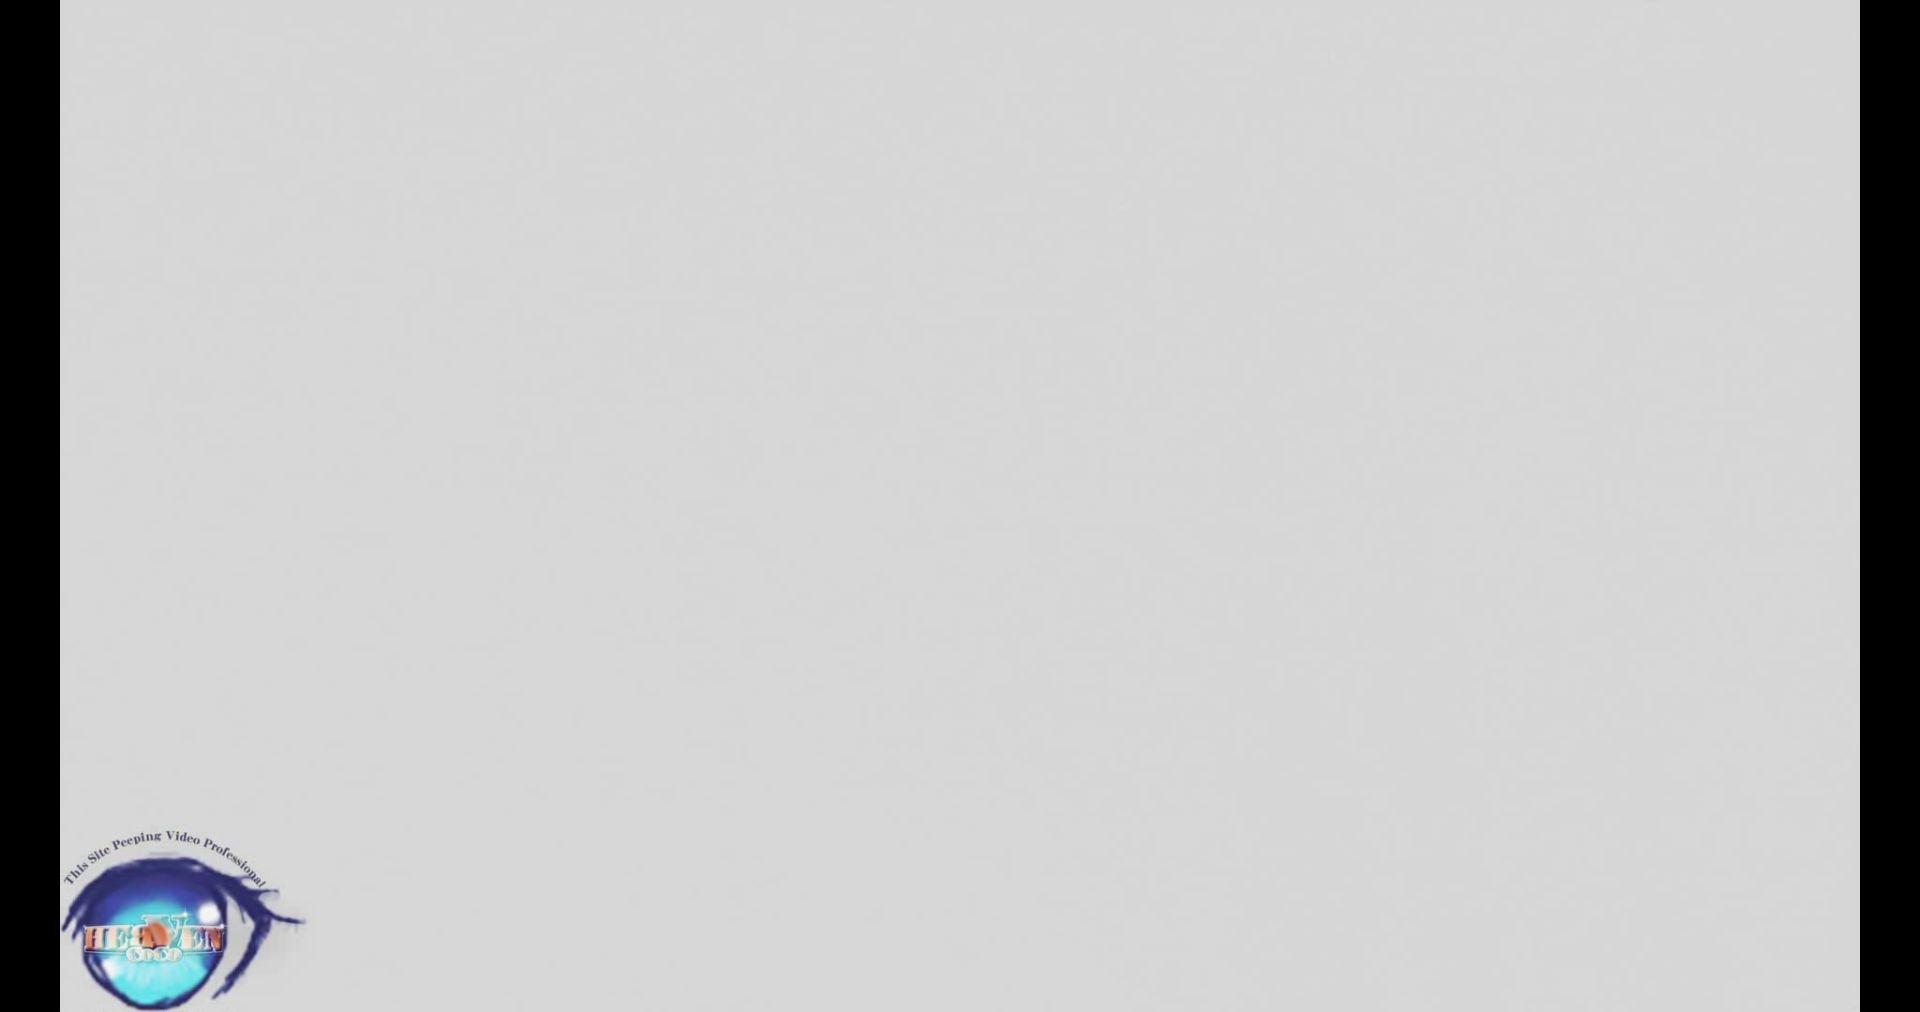 世界の射窓から~ステーション編~vol.34 無料動画のモデルつい本番登場Ⅱやっぱり違います 本番  104連発 80